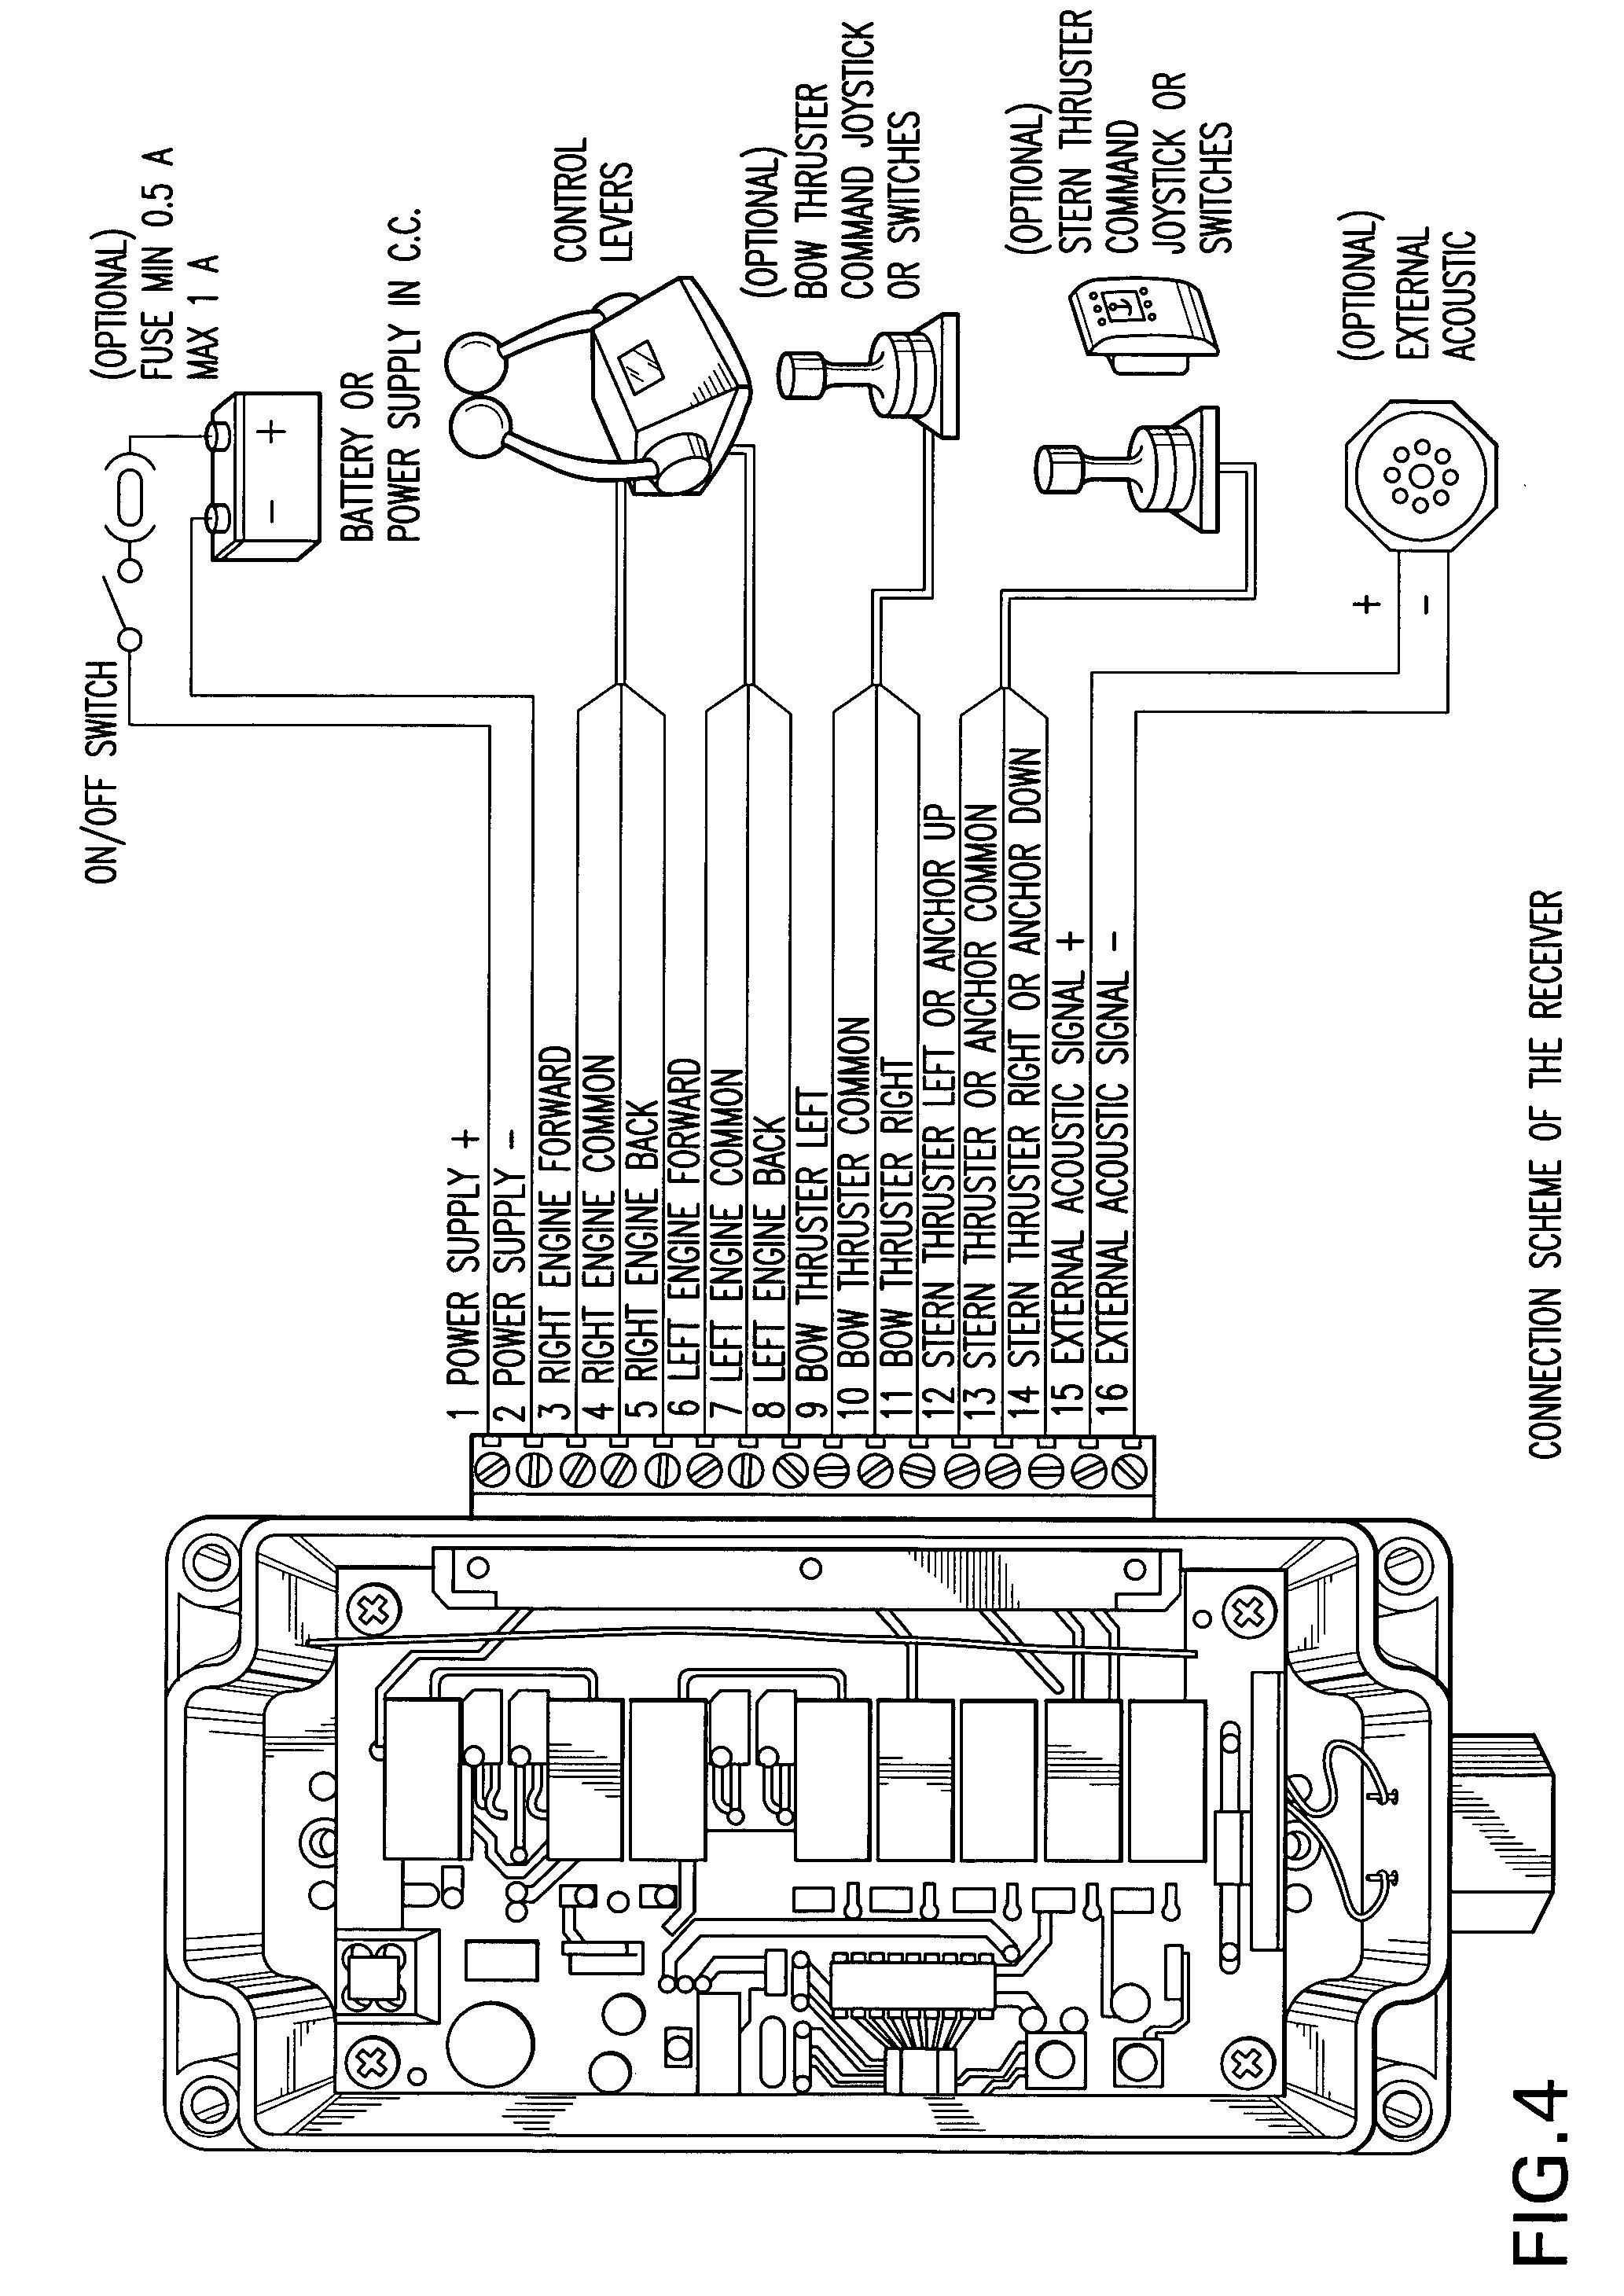 minn kota sd control wiring diagram fortress wiring